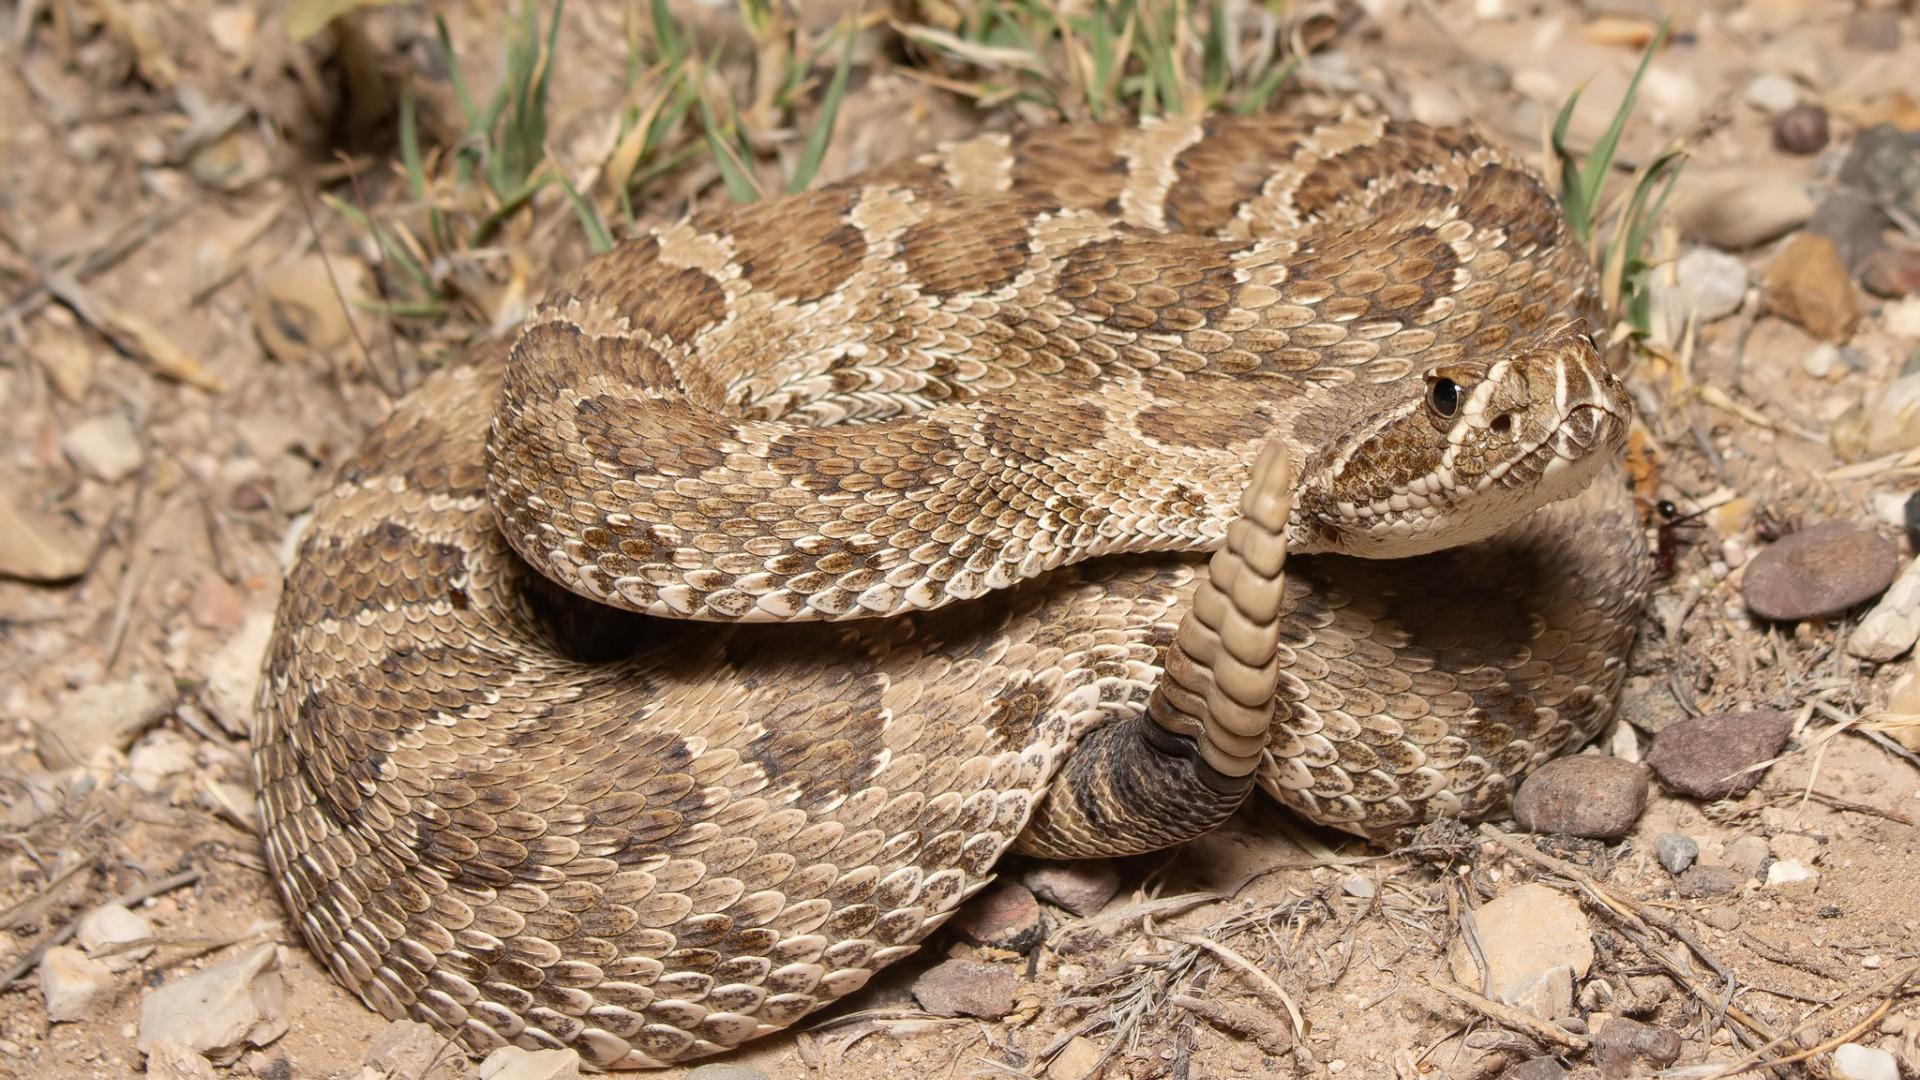 картинки на обои гремучей змеи тату действительно романтичные